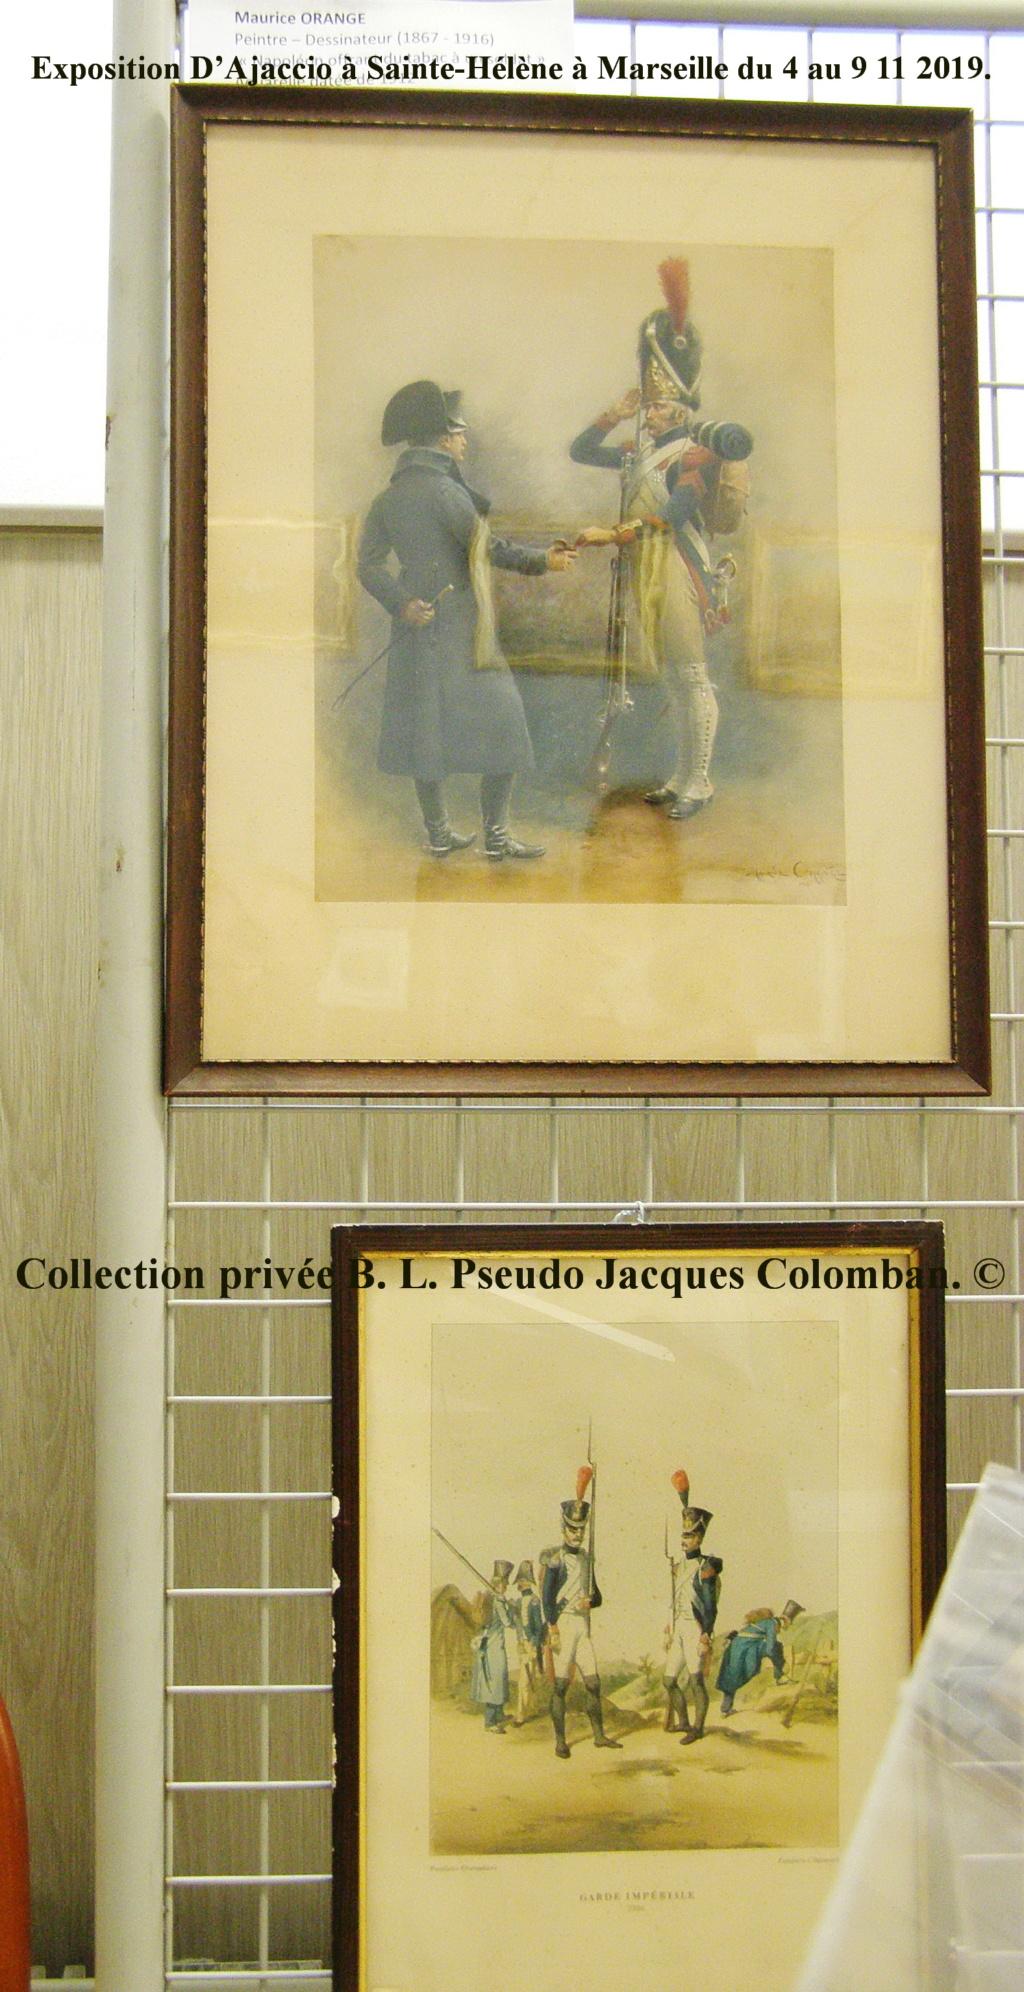 Exposition D'Ajaccio à Sainte-Hélène à Marseille. 610